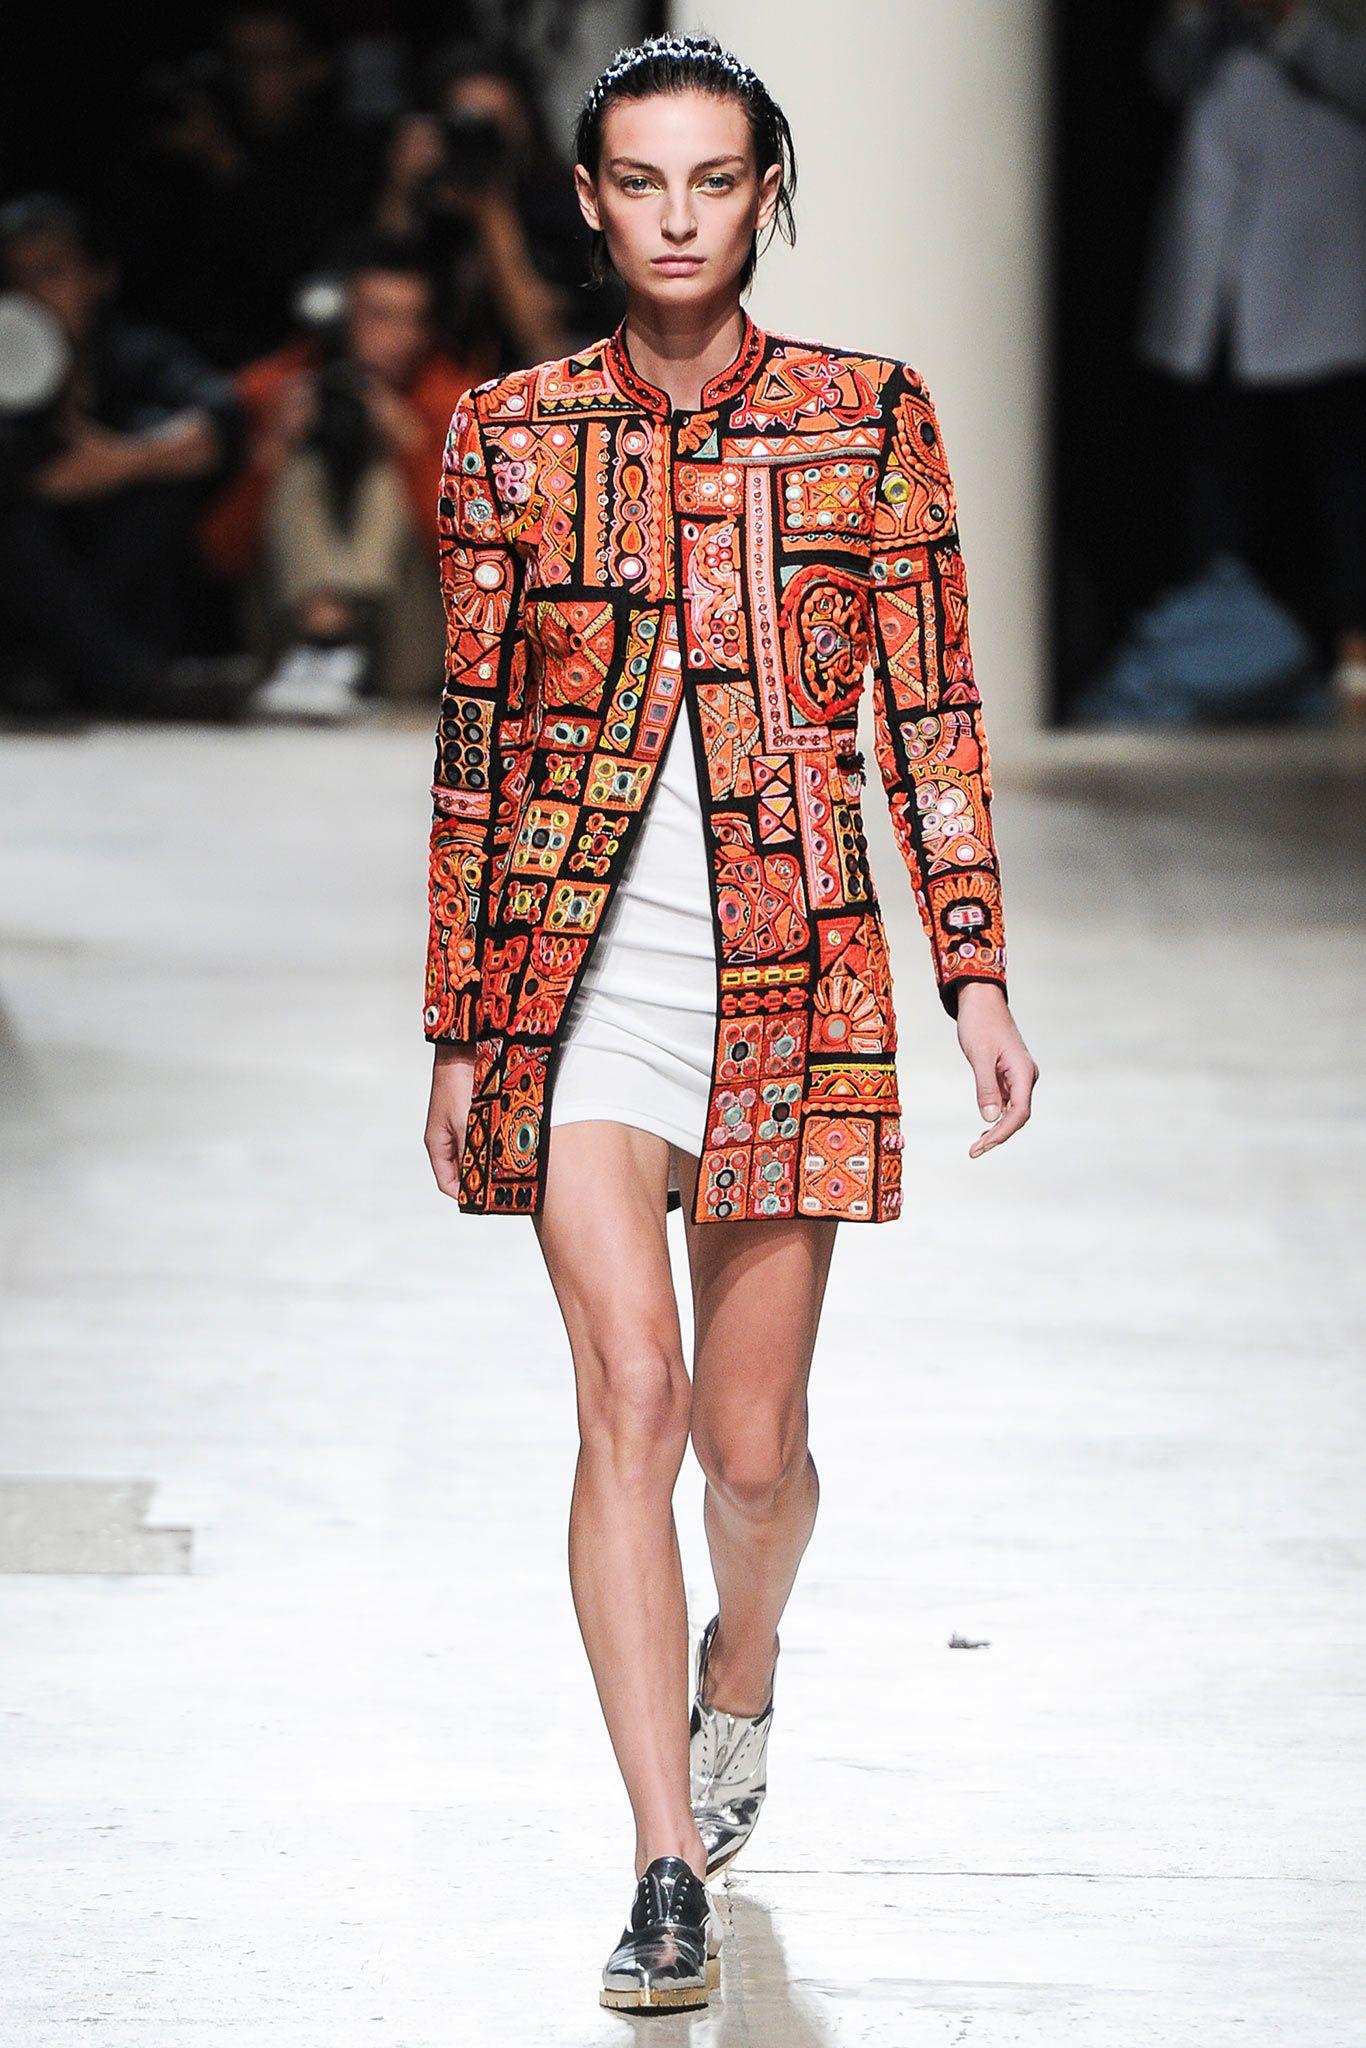 Barbara Bui SpringSummer 2019 Collection – Paris Fashion Week